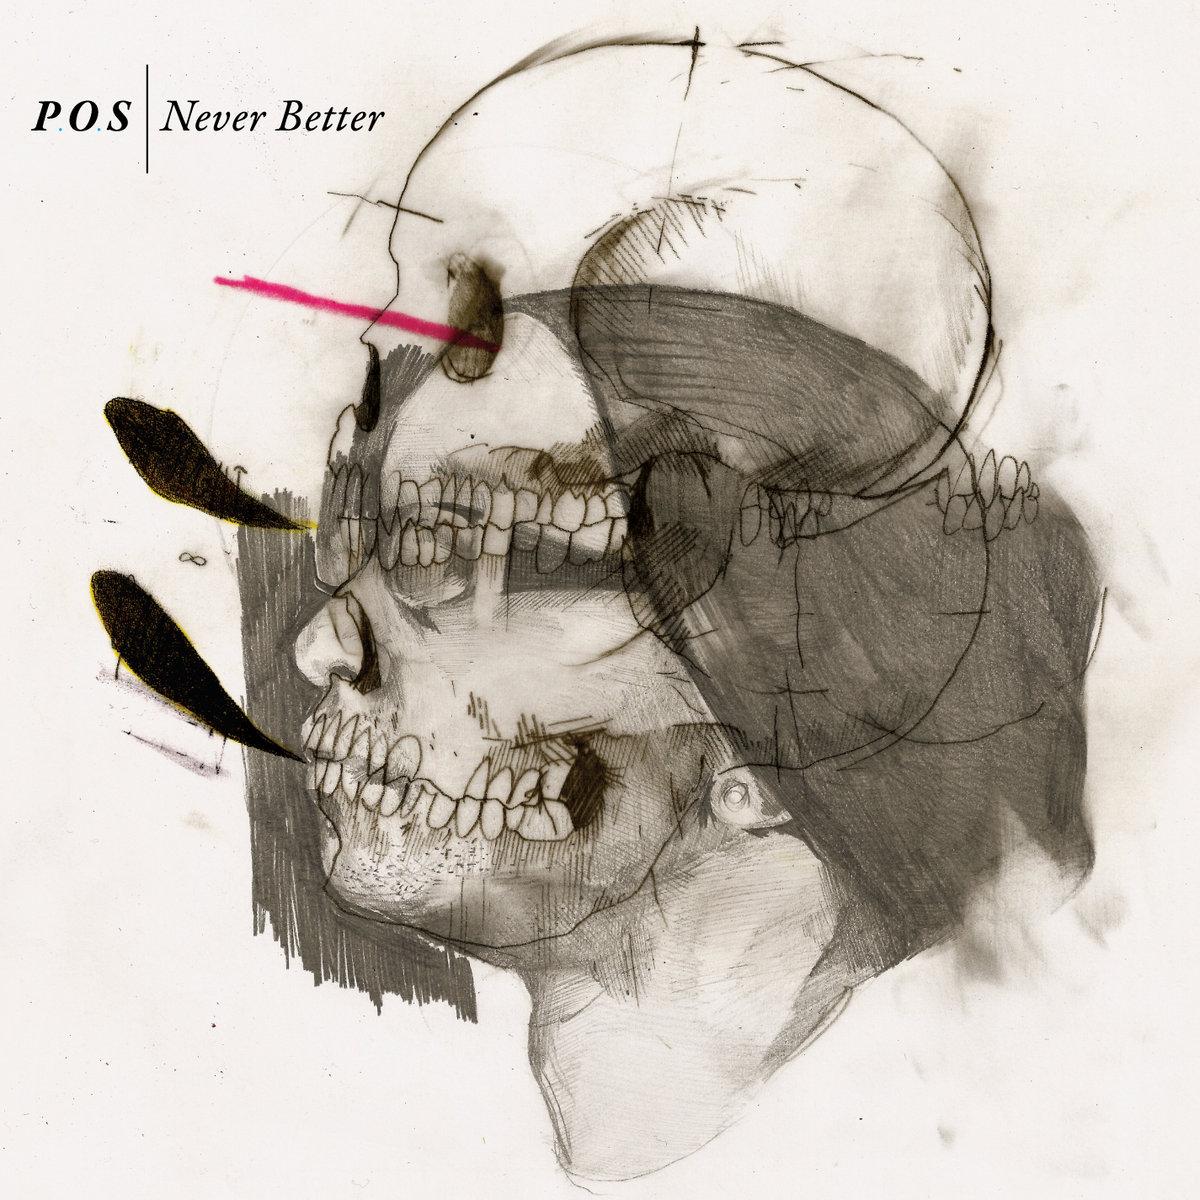 Resultado de imagen para P.O.S. - Never Better